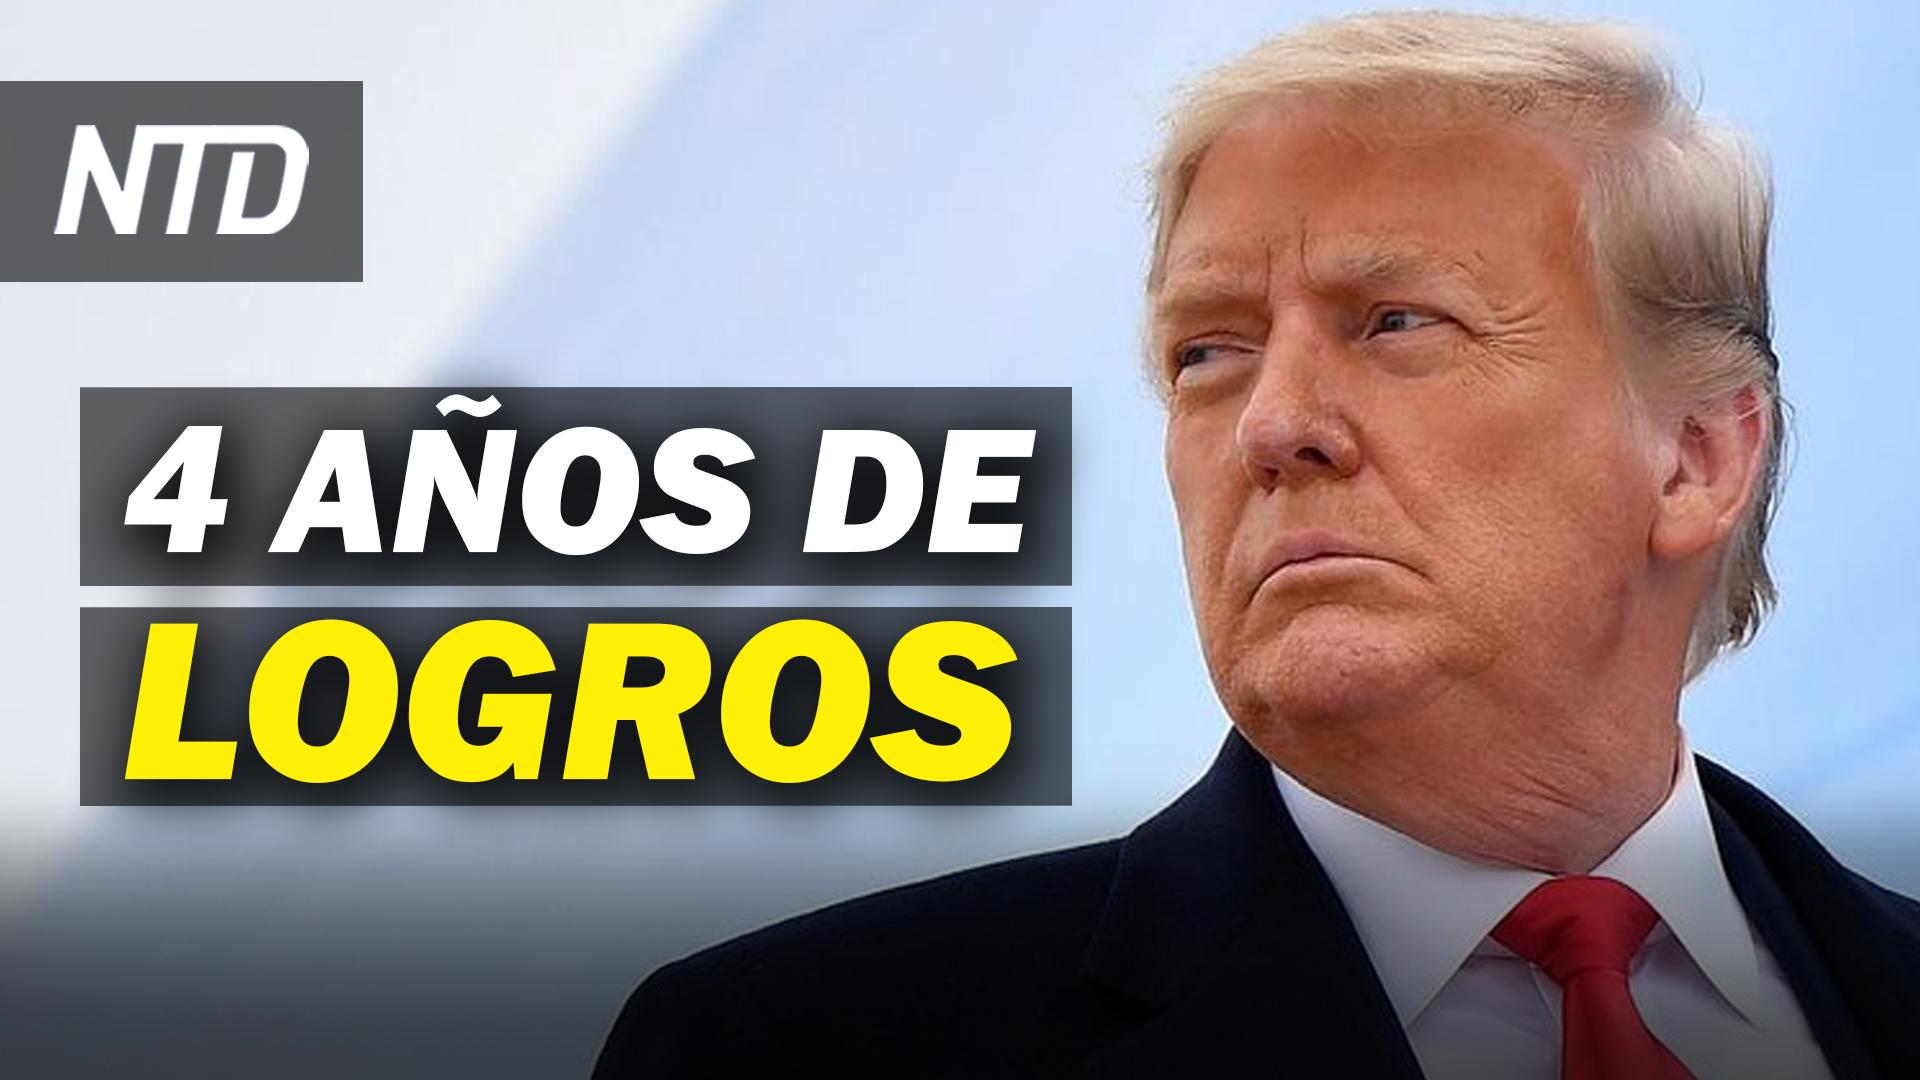 NTD Noticias: Casa Blanca publica logros de Trump; AMLO lucha contra bloqueo de las Big Tech